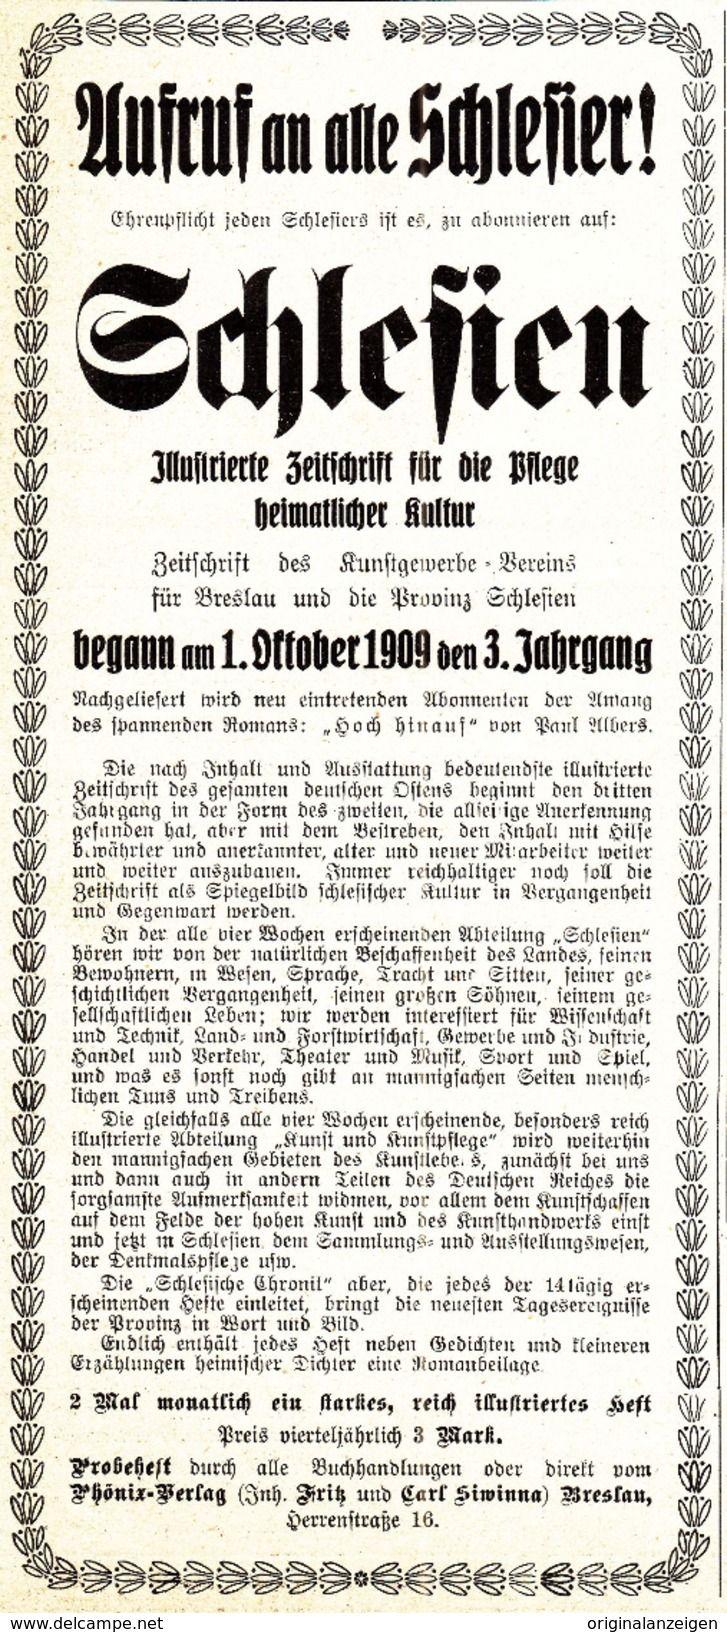 Werbung - Original-Werbung/ Anzeige 1909 - SCHLESIEN /ILLUSTRIERTE ZEITSCHRIFT FÜR DIE PFLEGE HEIMATLICHER KULTUR -ca. 90 X 200 mm